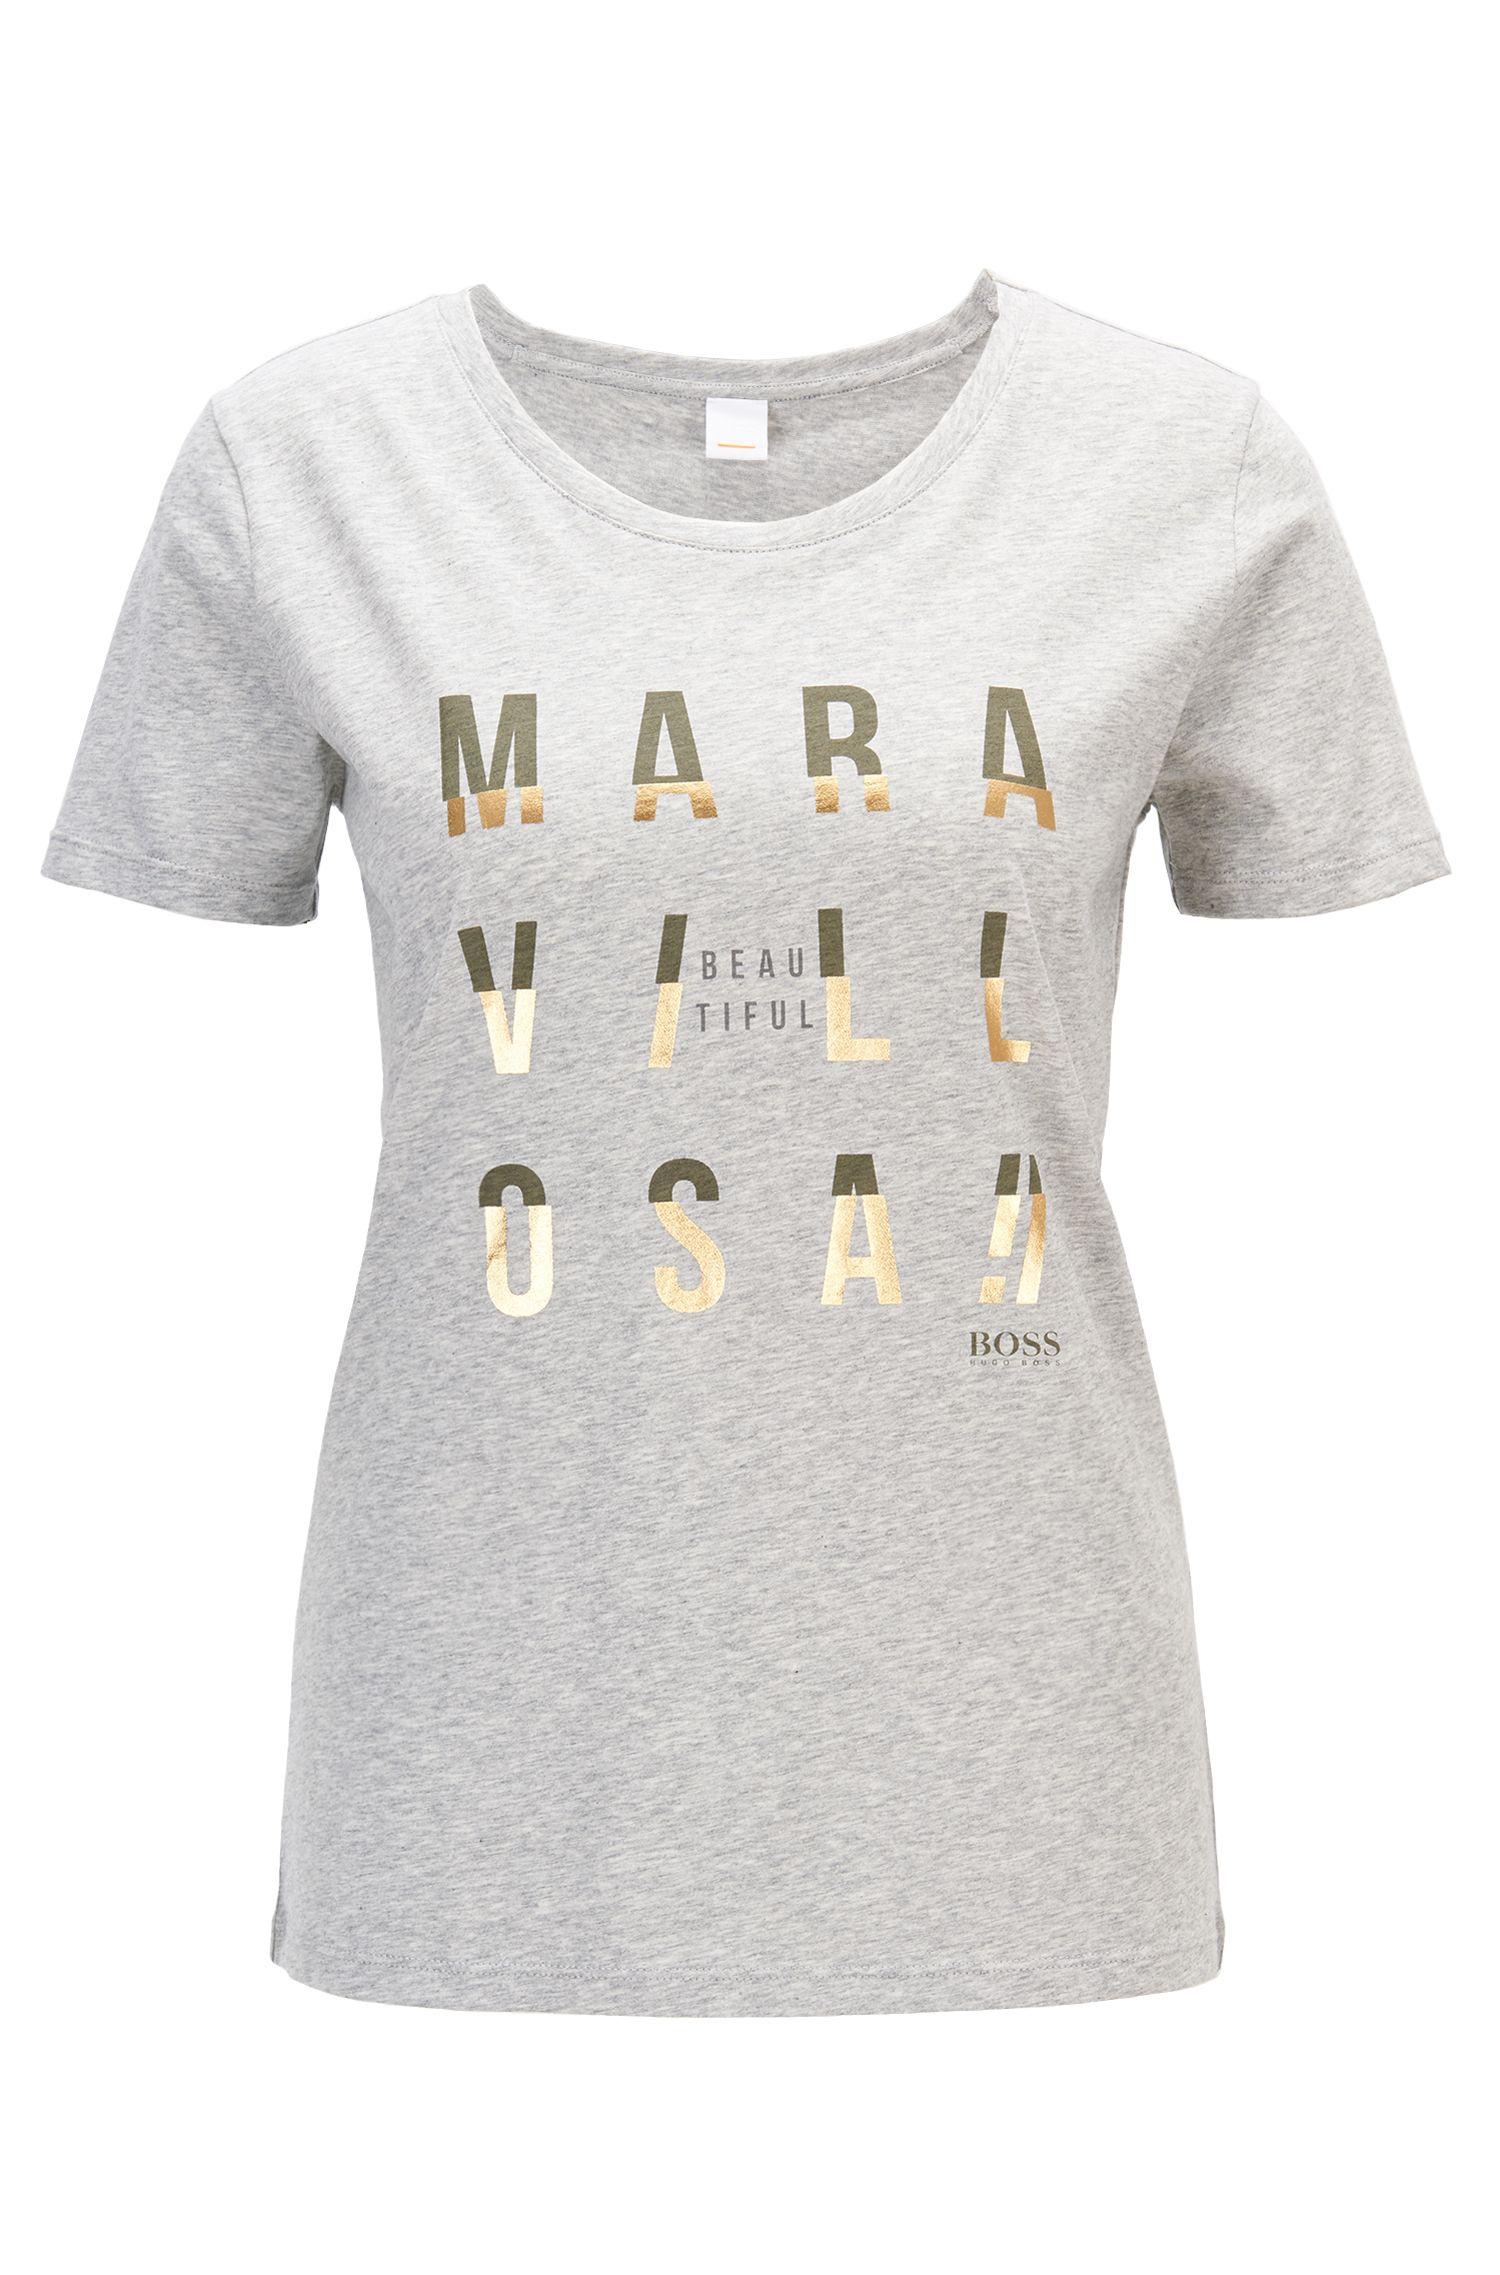 T-Shirt aus gewaschenem Baumwoll-Jersey mit Print-Mix